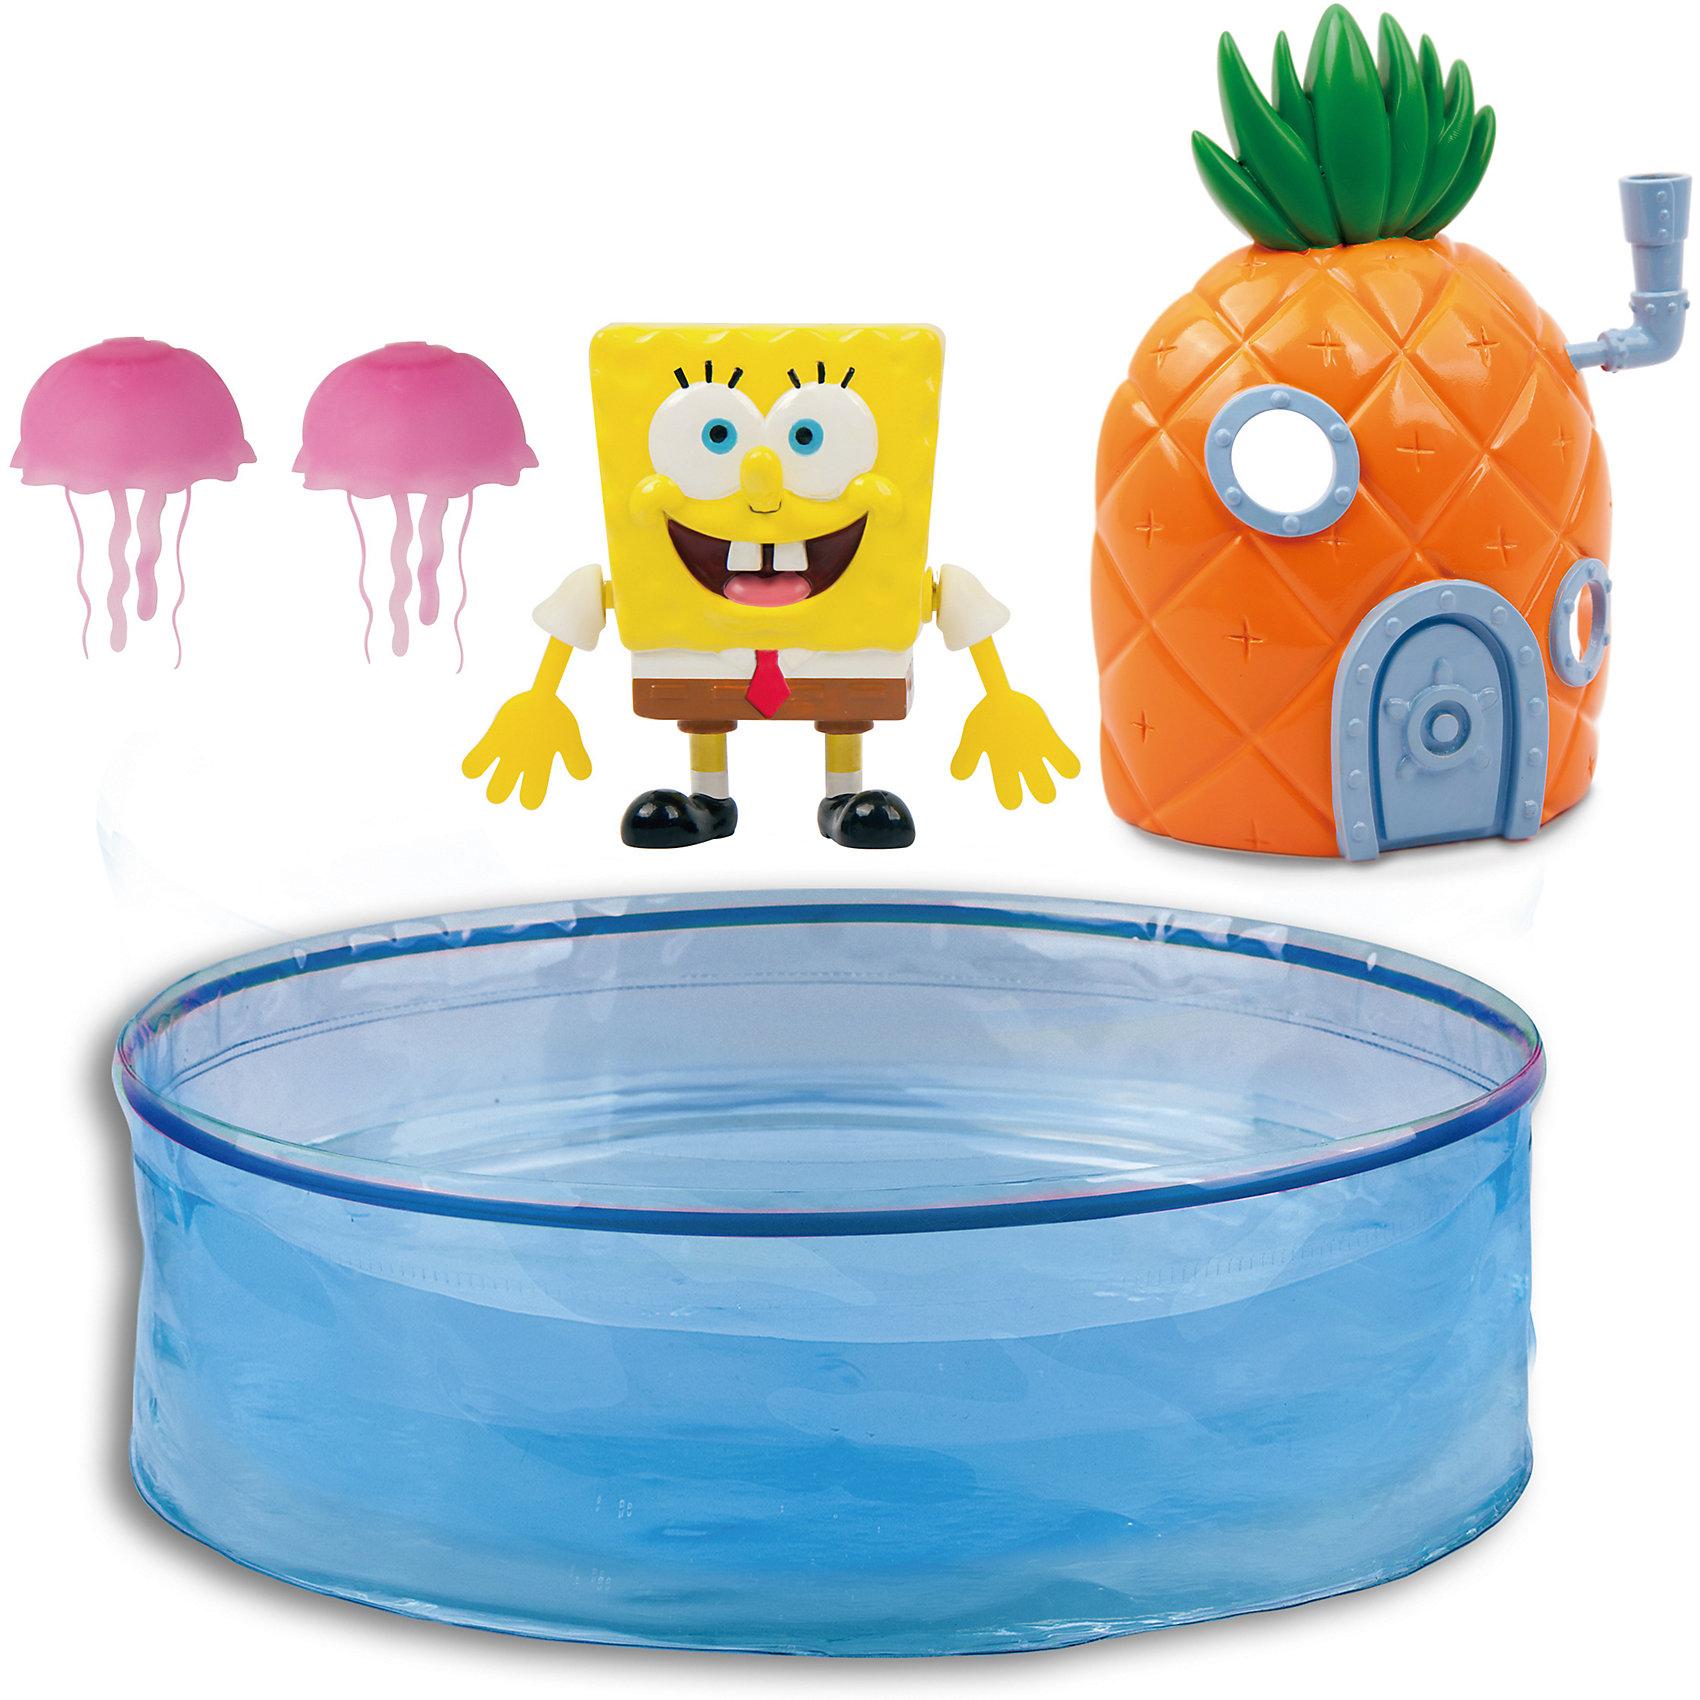 Набор Спанч Боб с аквариумом и домиком, ZURUИнтерактивные игрушки для малышей<br>Характеристики товара:<br><br>• возраст от 3 лет<br>• материал: пластик<br>• в комплекте: аквариум, Спанч Боб, домик, 2 медузы<br>• размер фигурки 6,5 см х 5,5 см<br>• диаметр аквариума 40 см<br>• тип батареек: 2 х AG13 / LR44 (миниатюрные)<br>• наличие батареек: входят в комплект<br>• герой: Губка Боб / Sponge Bob<br>• размер упаковки 33х23х12 см<br>• вес упаковки 783 г.<br>• паковка: картонная коробка блистерного типа<br>• страна бренда: Новая Зеландия<br>• страна производитель: Китай<br><br>Набор Спанч Боб с аквариумом и домиком Zuru — увлекательная игрушка, созданная по мотивам известного мультфильма про Спанч Боба. Спанч Боб живет в домике в виде ананаса на дне большого аквариума. Он умеет плавать, двигая ручками. Если одну руку убрать назад, а вторую вытянуть вперед, то Спанч Боб закружится на поверхности. Если ручки вытянуты вперед, то он будет плавать вперед, а вытянув их назад, Спанч Боб поплывет в обратном направлении.<br><br>Игрушка изготовлена из качественного безопасного пластика. Работает от 2 батареек LR44 (в комплекте). Работает в режиме экономии батареек, через 4 минуты Спанч Боб отключается автоматически.<br><br>Набор Спанч Боб с аквариумом и домиком Zuru можно приобрести в нашем интернет-магазине.<br><br>Ширина мм: 120<br>Глубина мм: 330<br>Высота мм: 230<br>Вес г: 783<br>Возраст от месяцев: 36<br>Возраст до месяцев: 2147483647<br>Пол: Унисекс<br>Возраст: Детский<br>SKU: 5544182